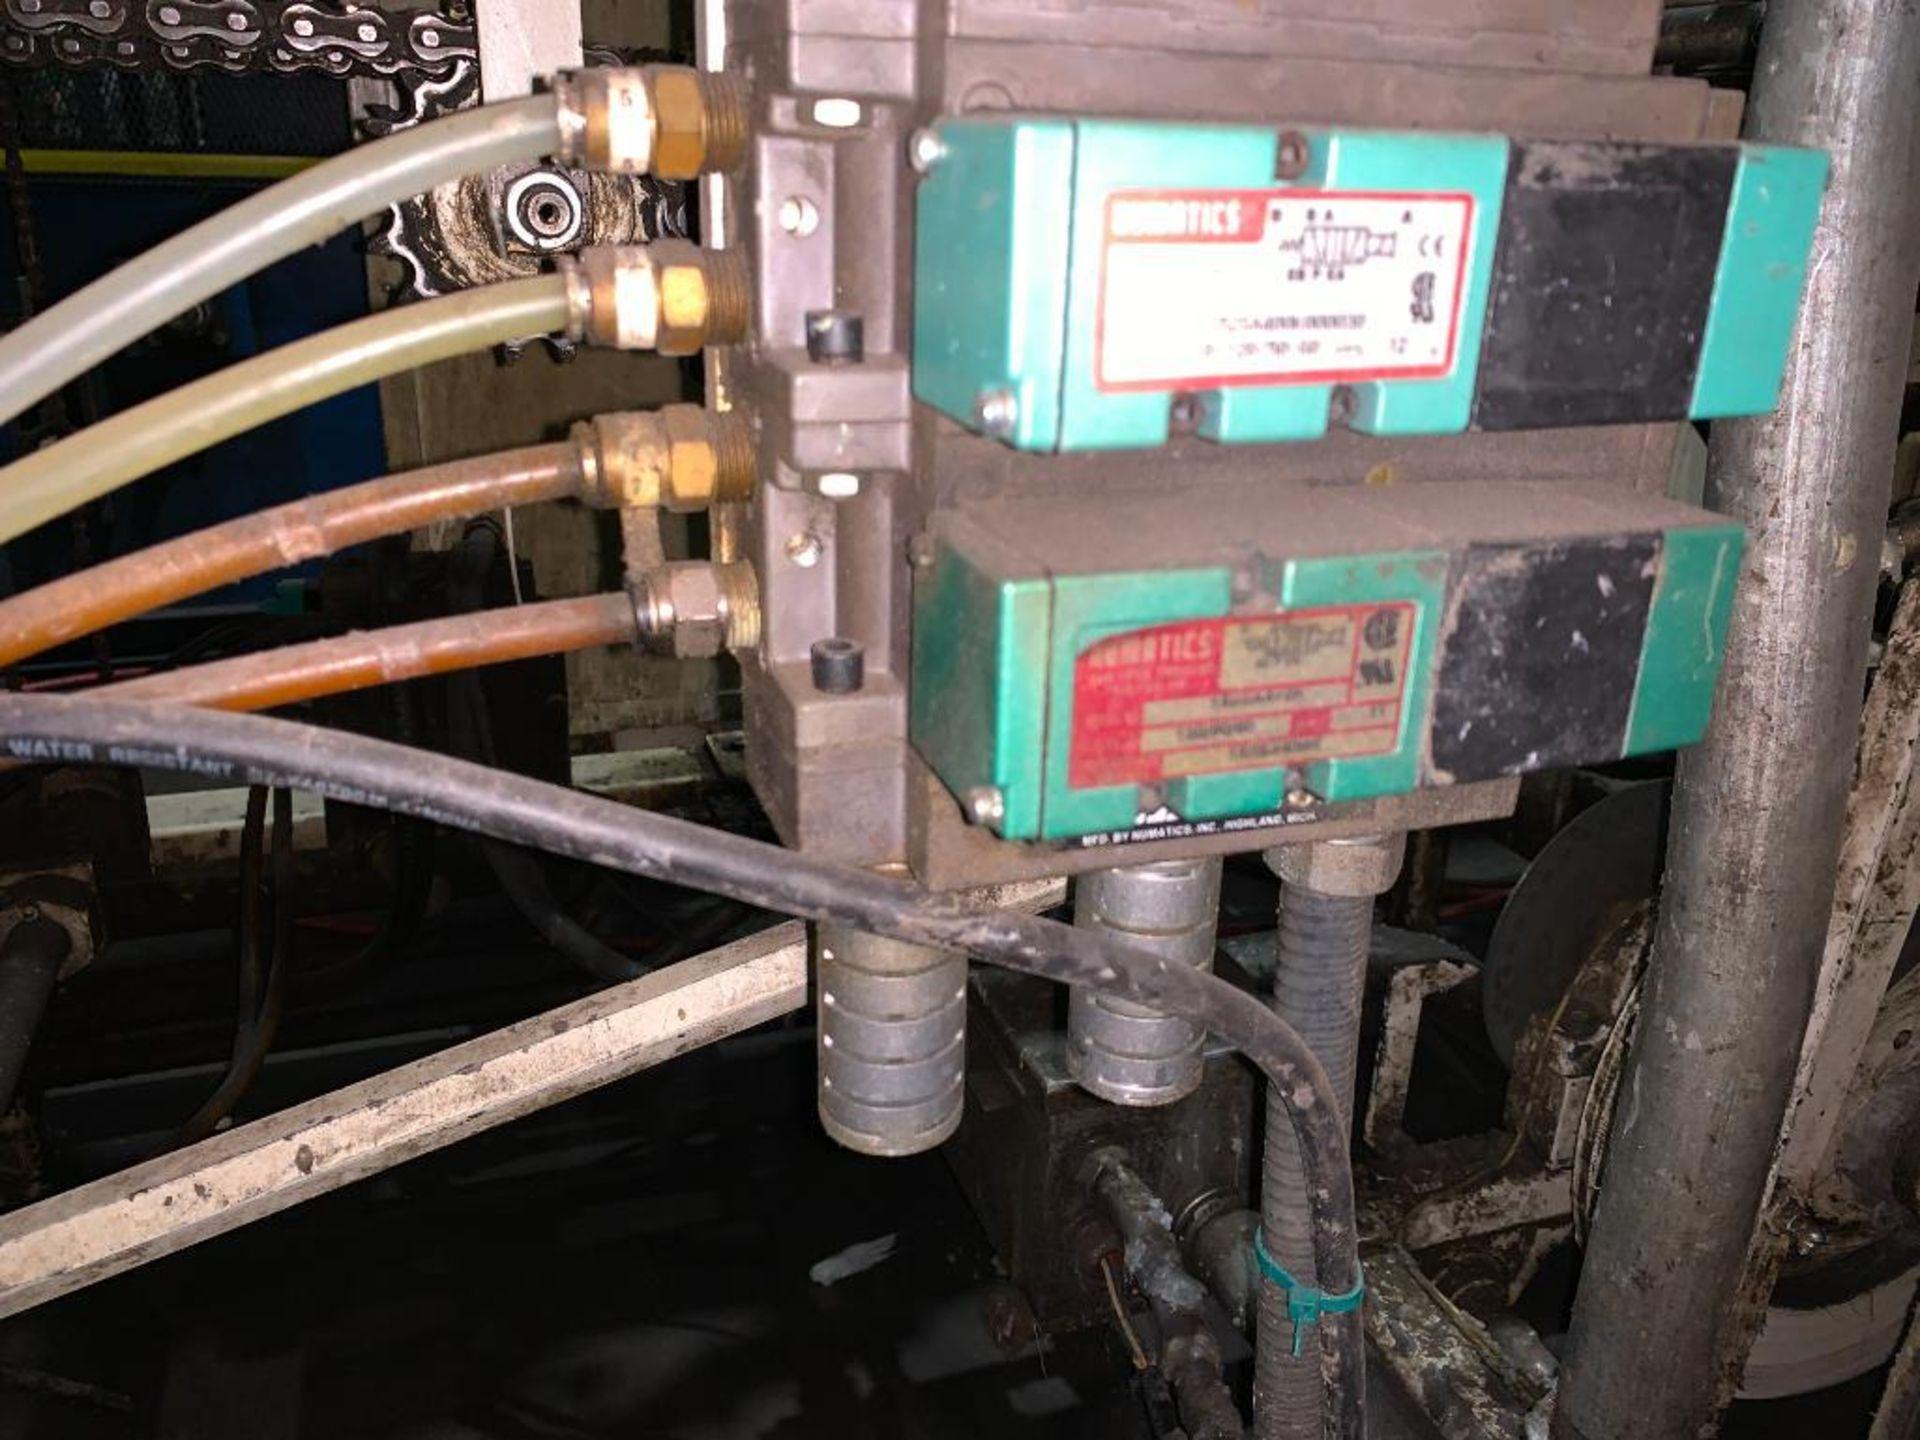 Salwasser case erector and case packer, model L41 - Image 35 of 45